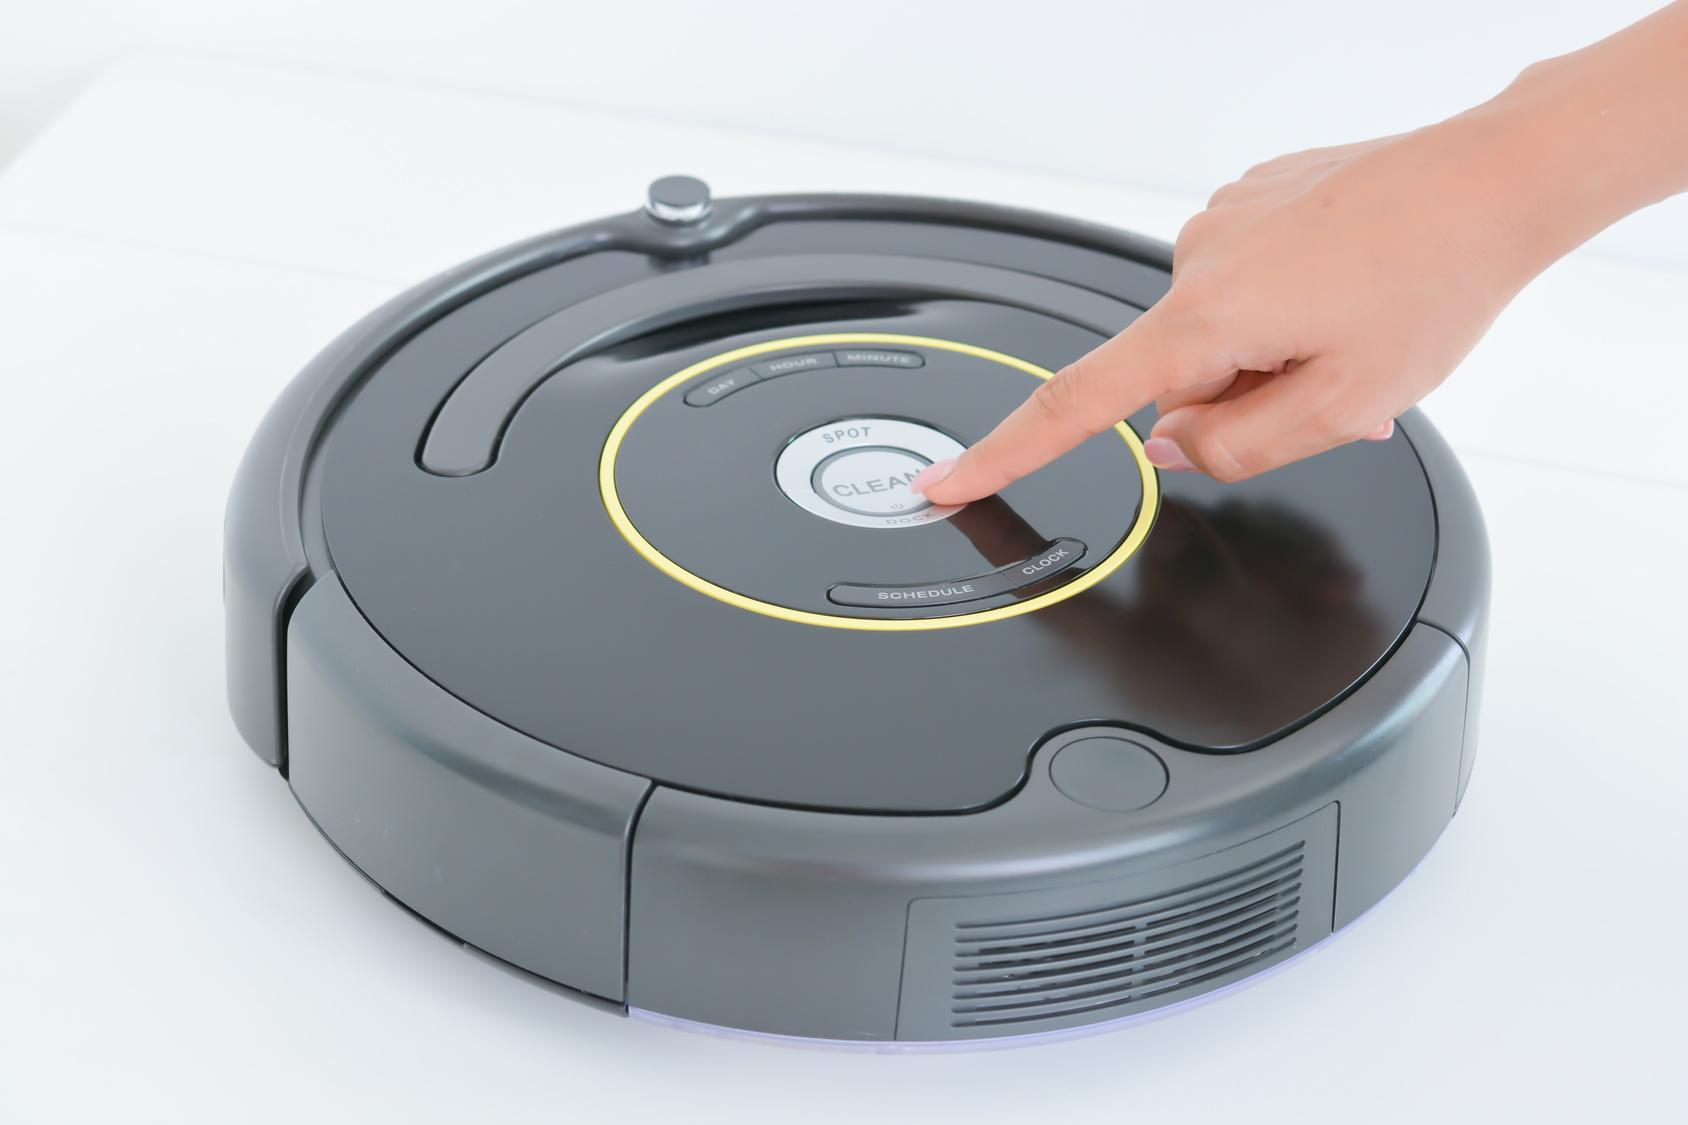 saugroboter test staubsauger roboter test. Black Bedroom Furniture Sets. Home Design Ideas